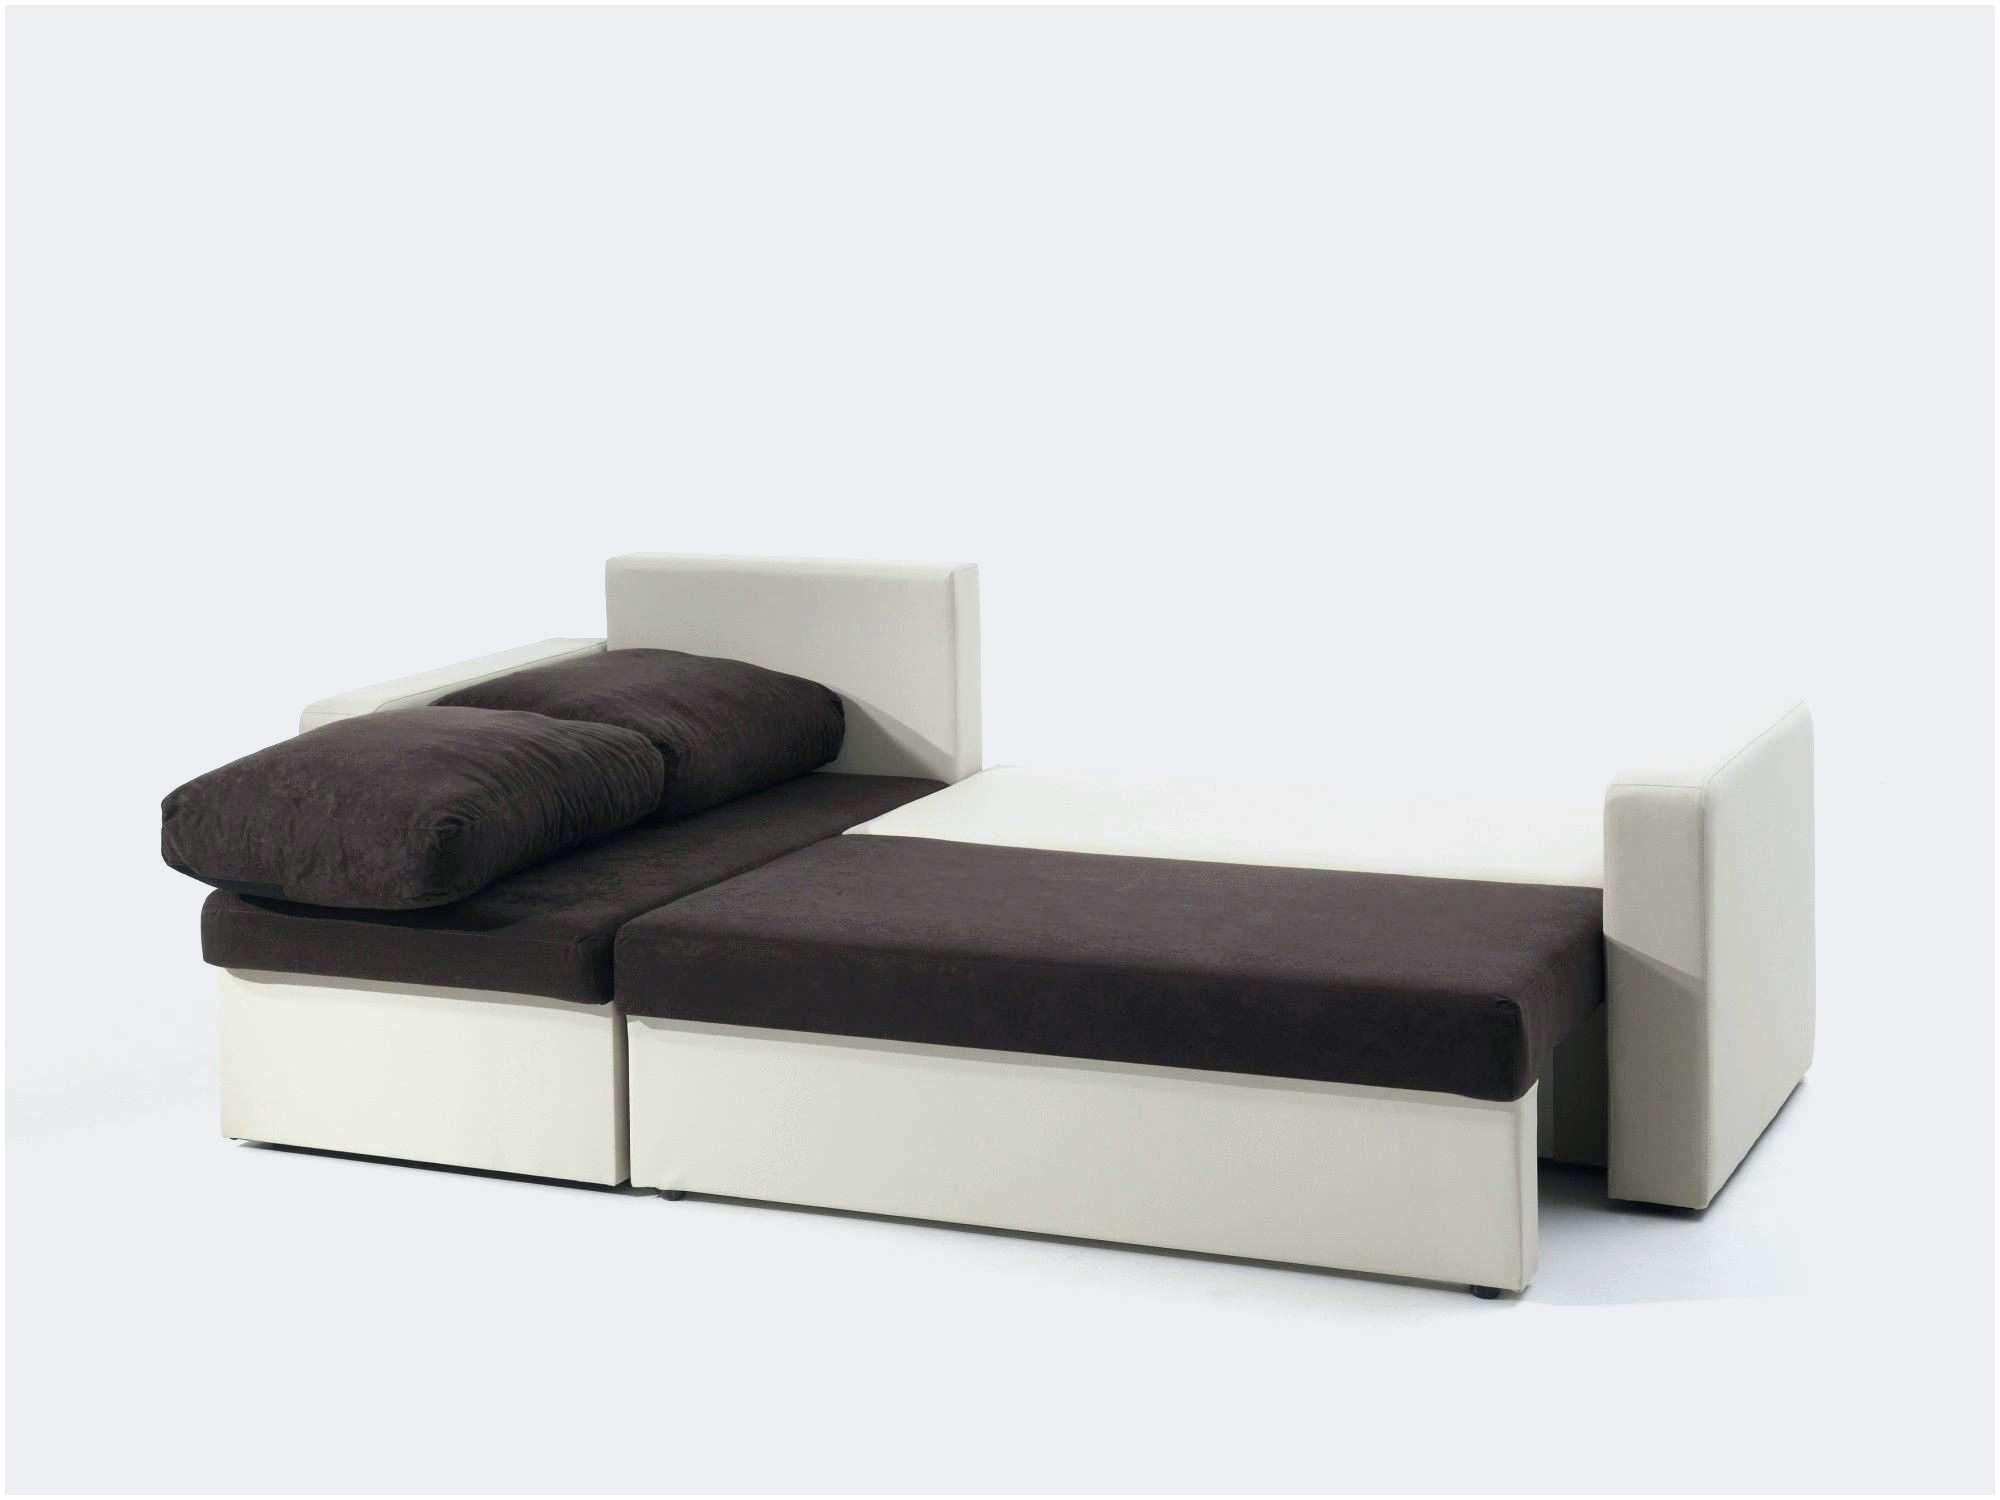 Lit Superposé Bas Agréable Frais Lit Mezzanine Ikea 2 Places Pour Alternative Lit Superposé